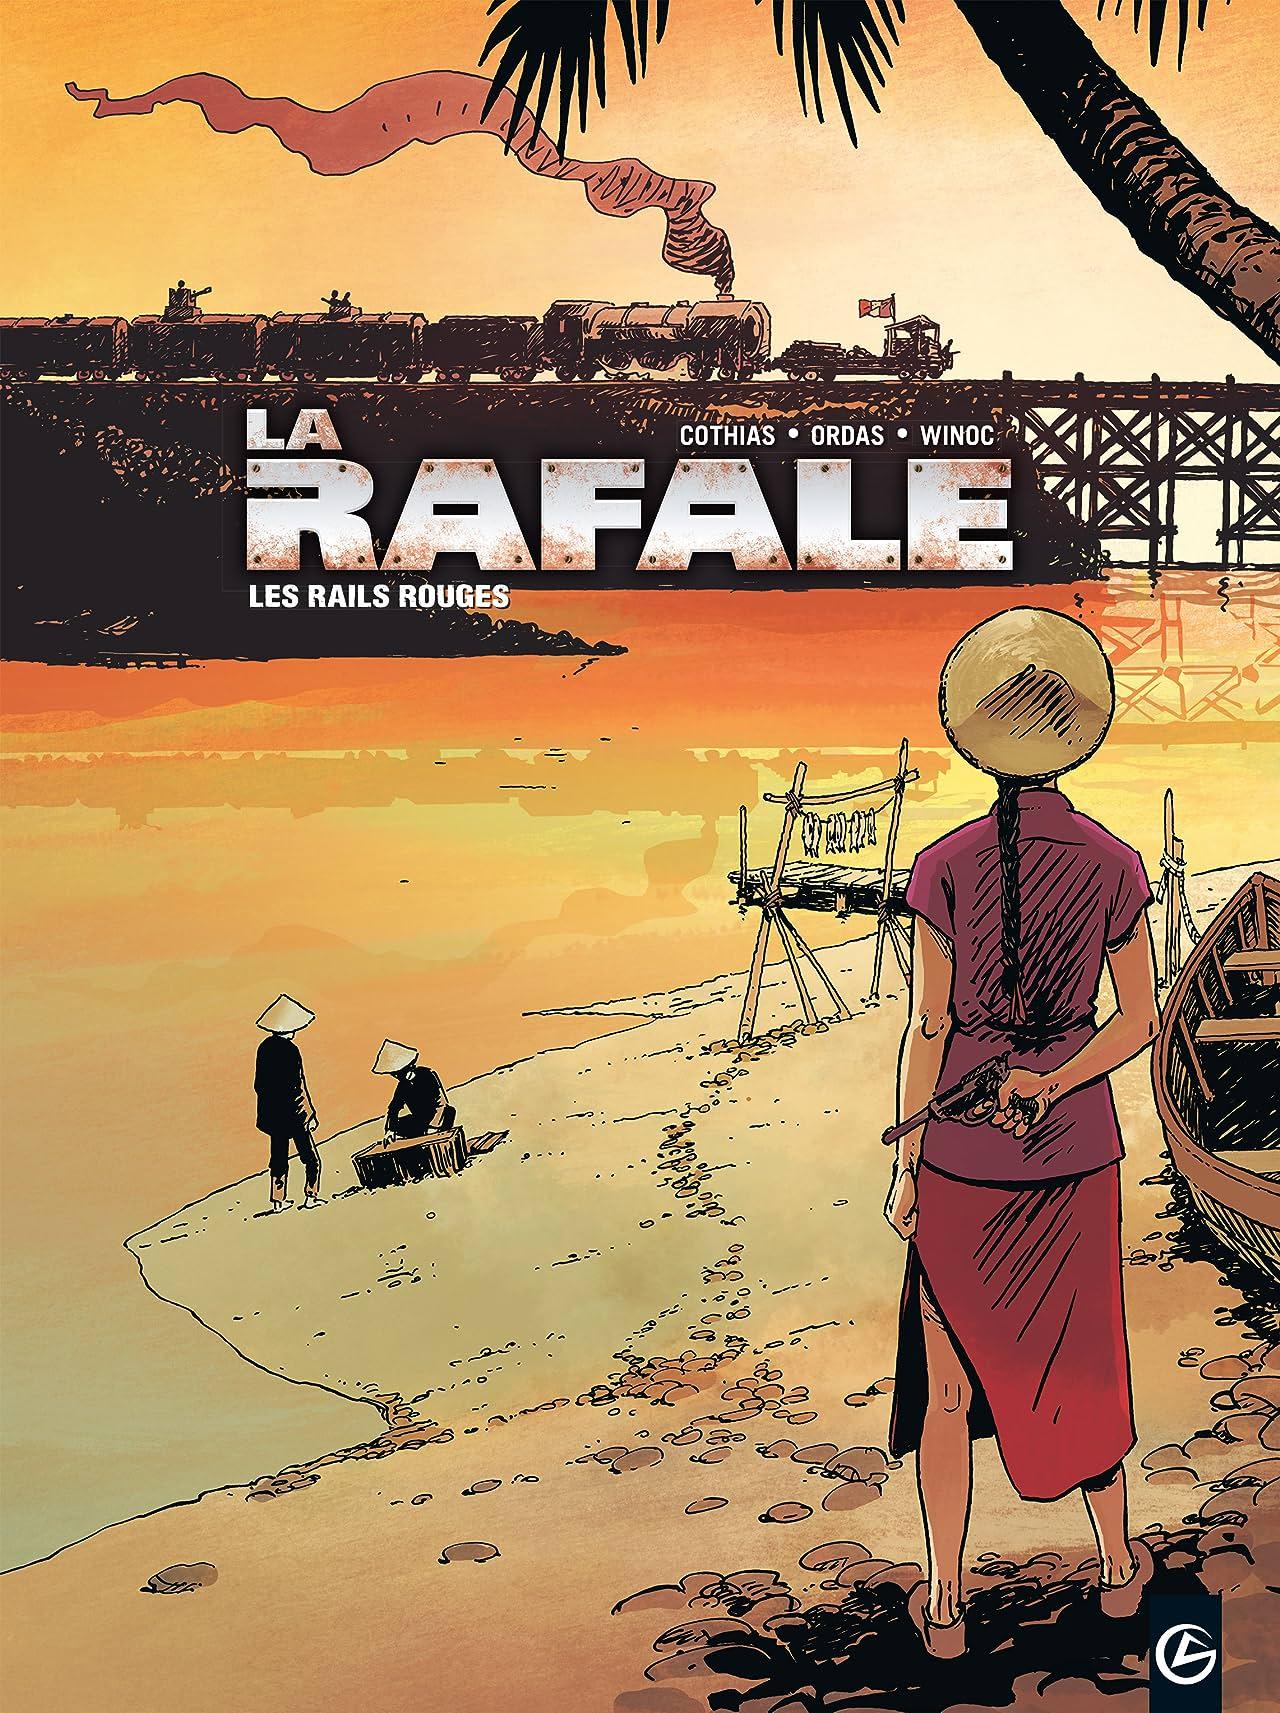 La Rafale Vol. 1: Les rails rouges